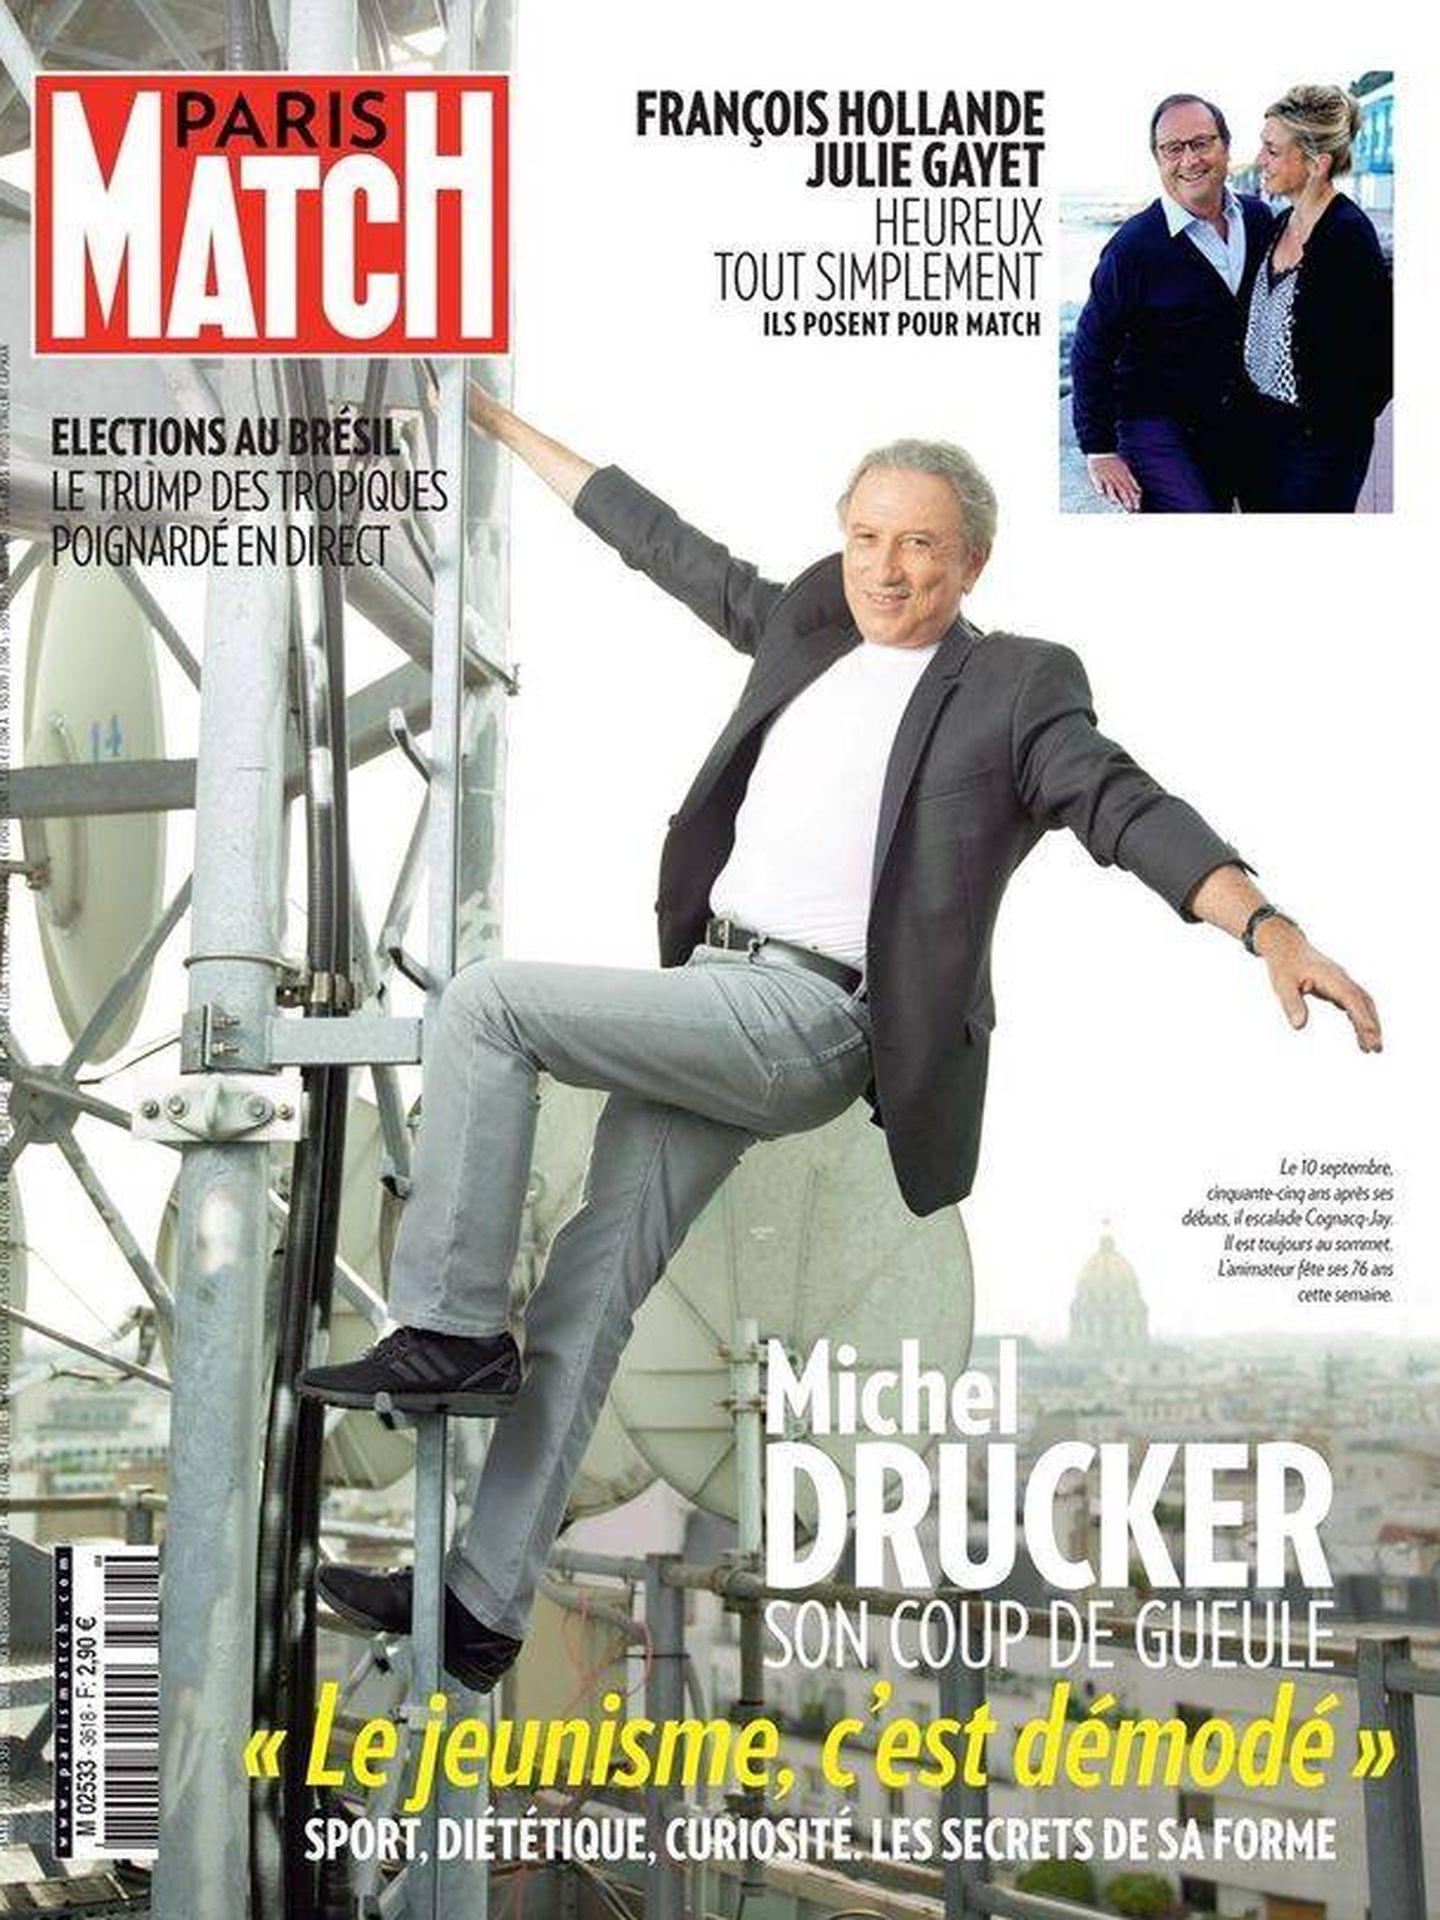 La portada en la que ambos han aparecido. (Paris Match)